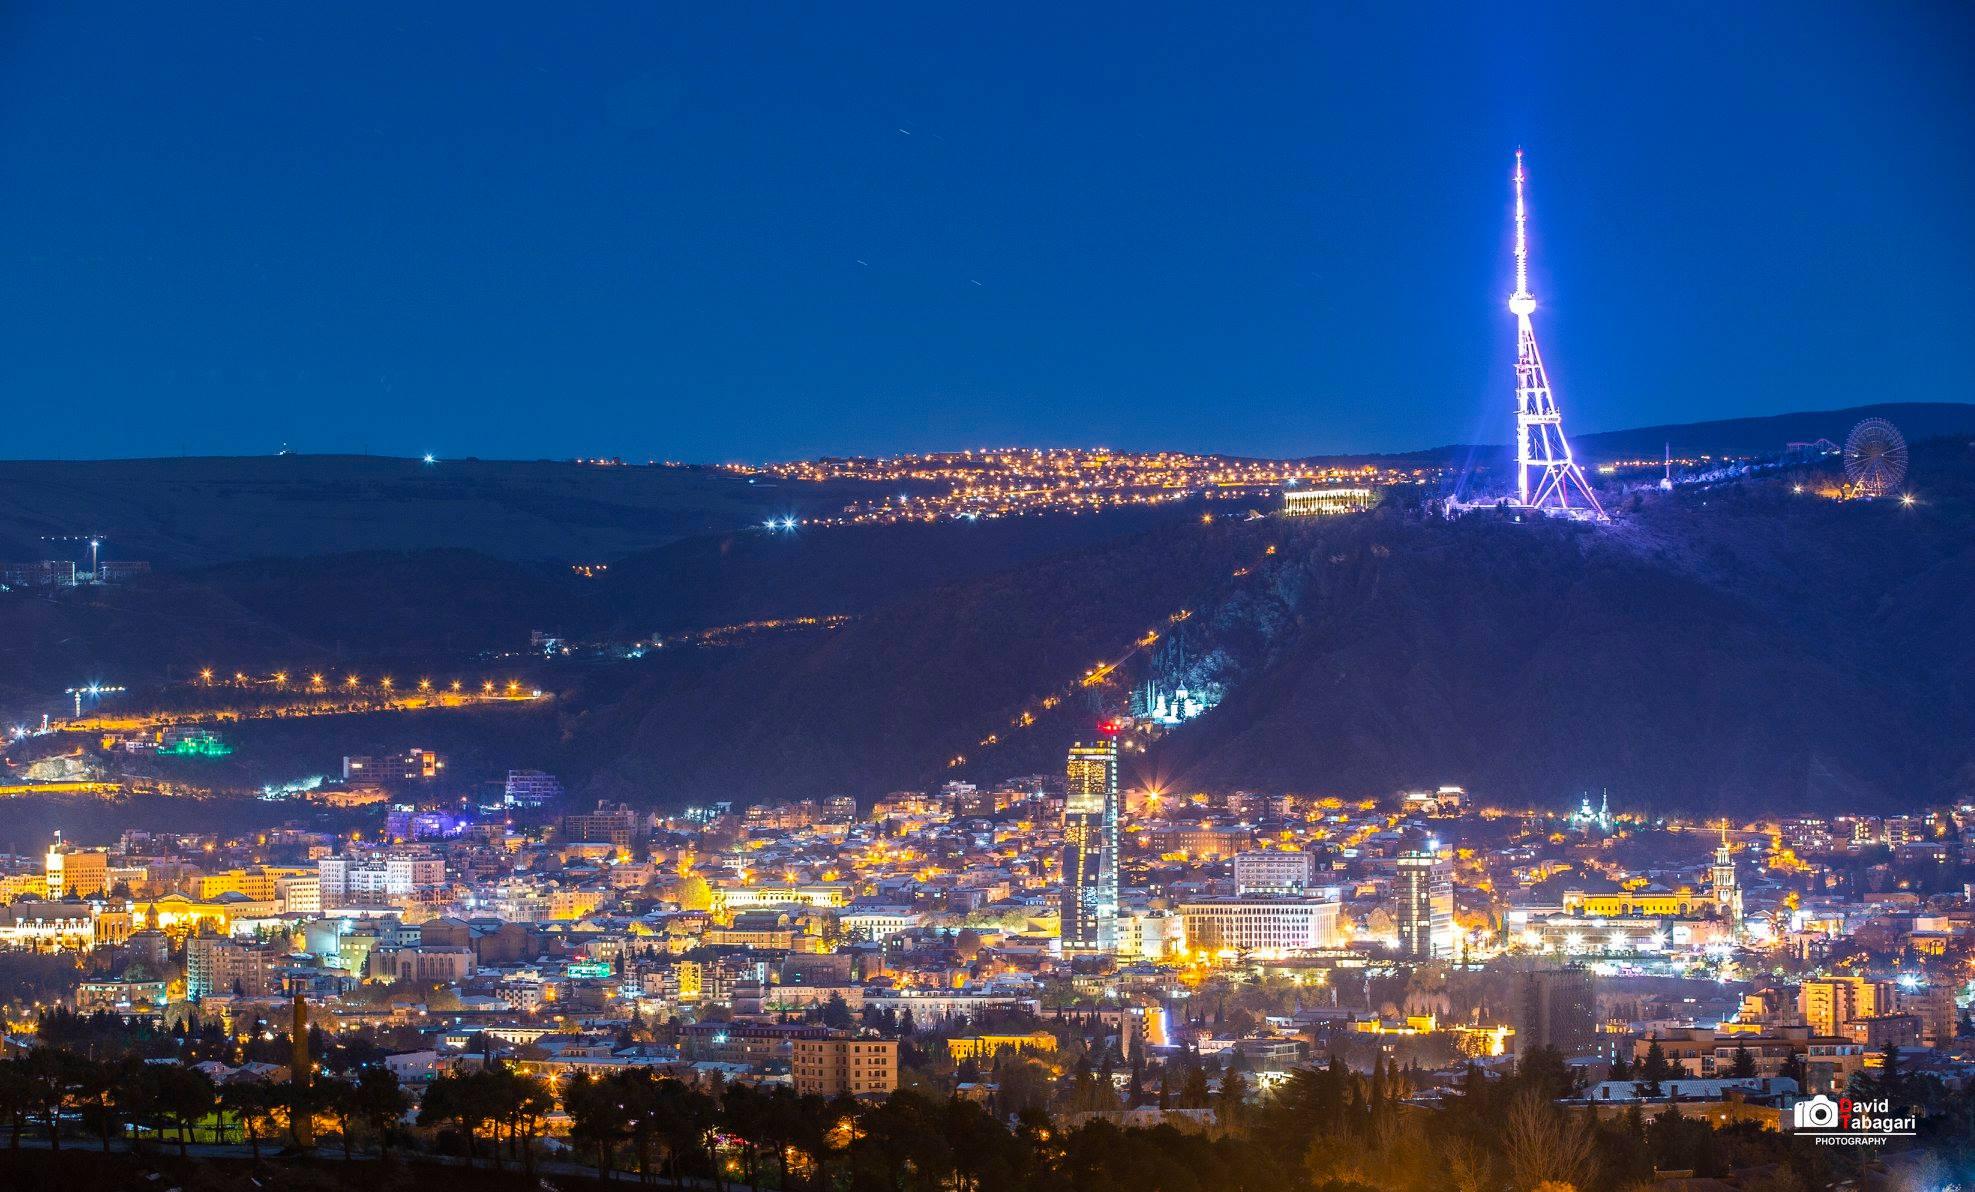 Tbilisi 8 #новости Covid-19, комендантский час, коронавирус в Грузии, Межведомственный координационный совет, пандемия коронавируса